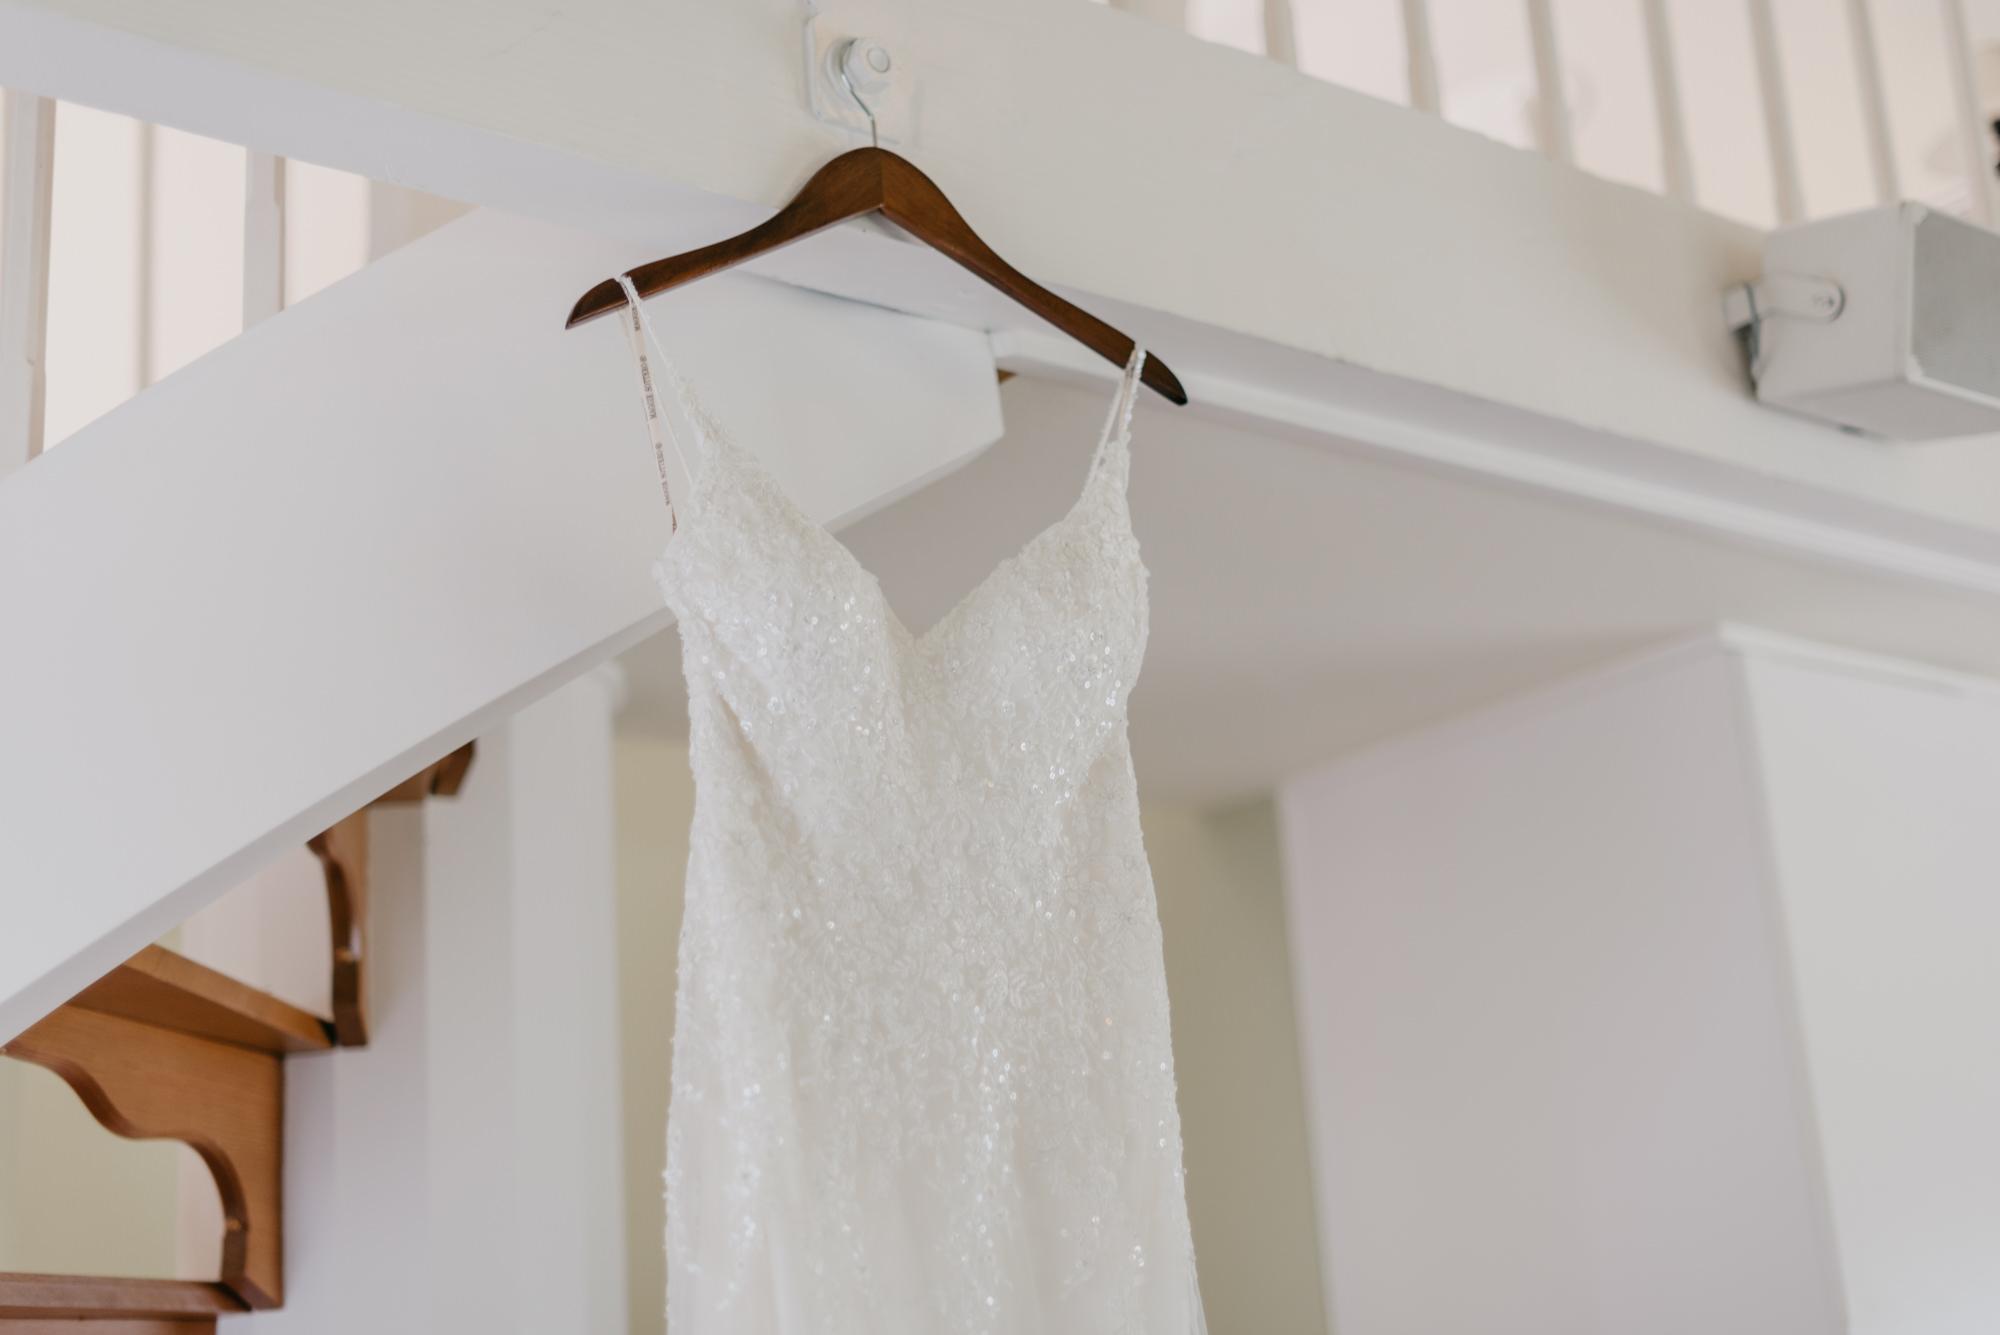 19-Getting-Ready-barn-kestrel-wedding-photos-grey-suit.jpg